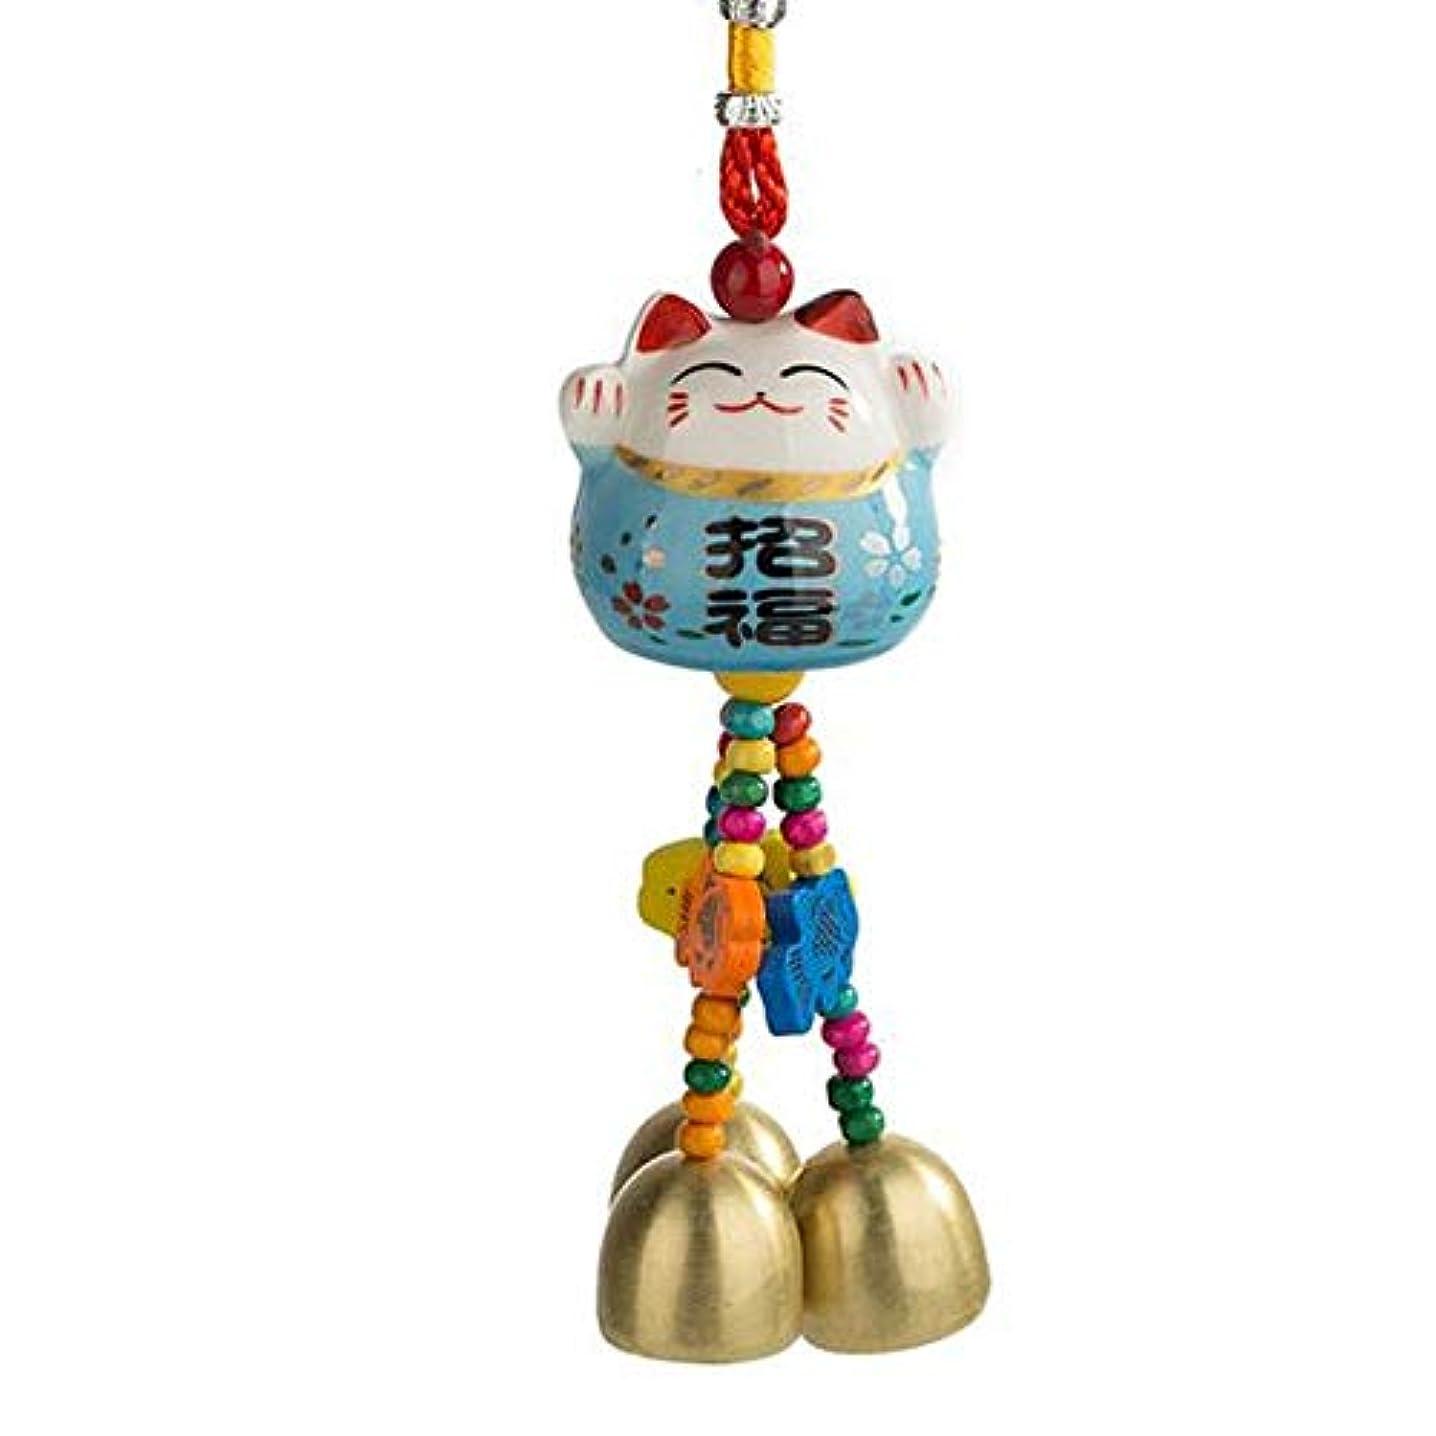 責め懺悔直接Jingfengtongxun 風チャイム、かわいいクリエイティブセラミック猫風の鐘、オレンジ、ロング28センチメートル,スタイリッシュなホリデーギフト (Color : Blue)